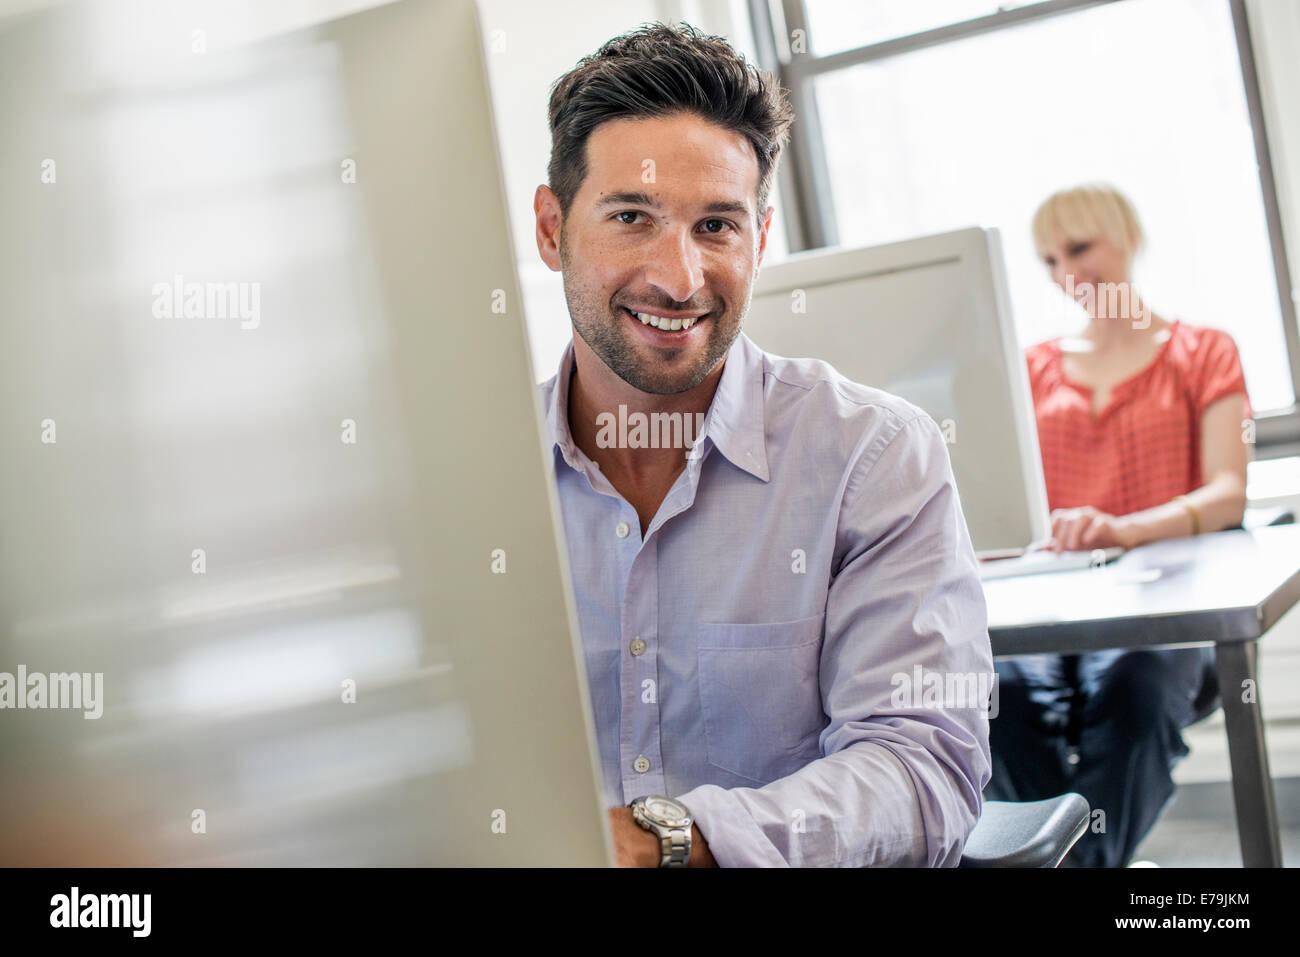 La vie de bureau. Deux personnes assis à un bureau à l'aide d'ordinateurs. Photo Stock